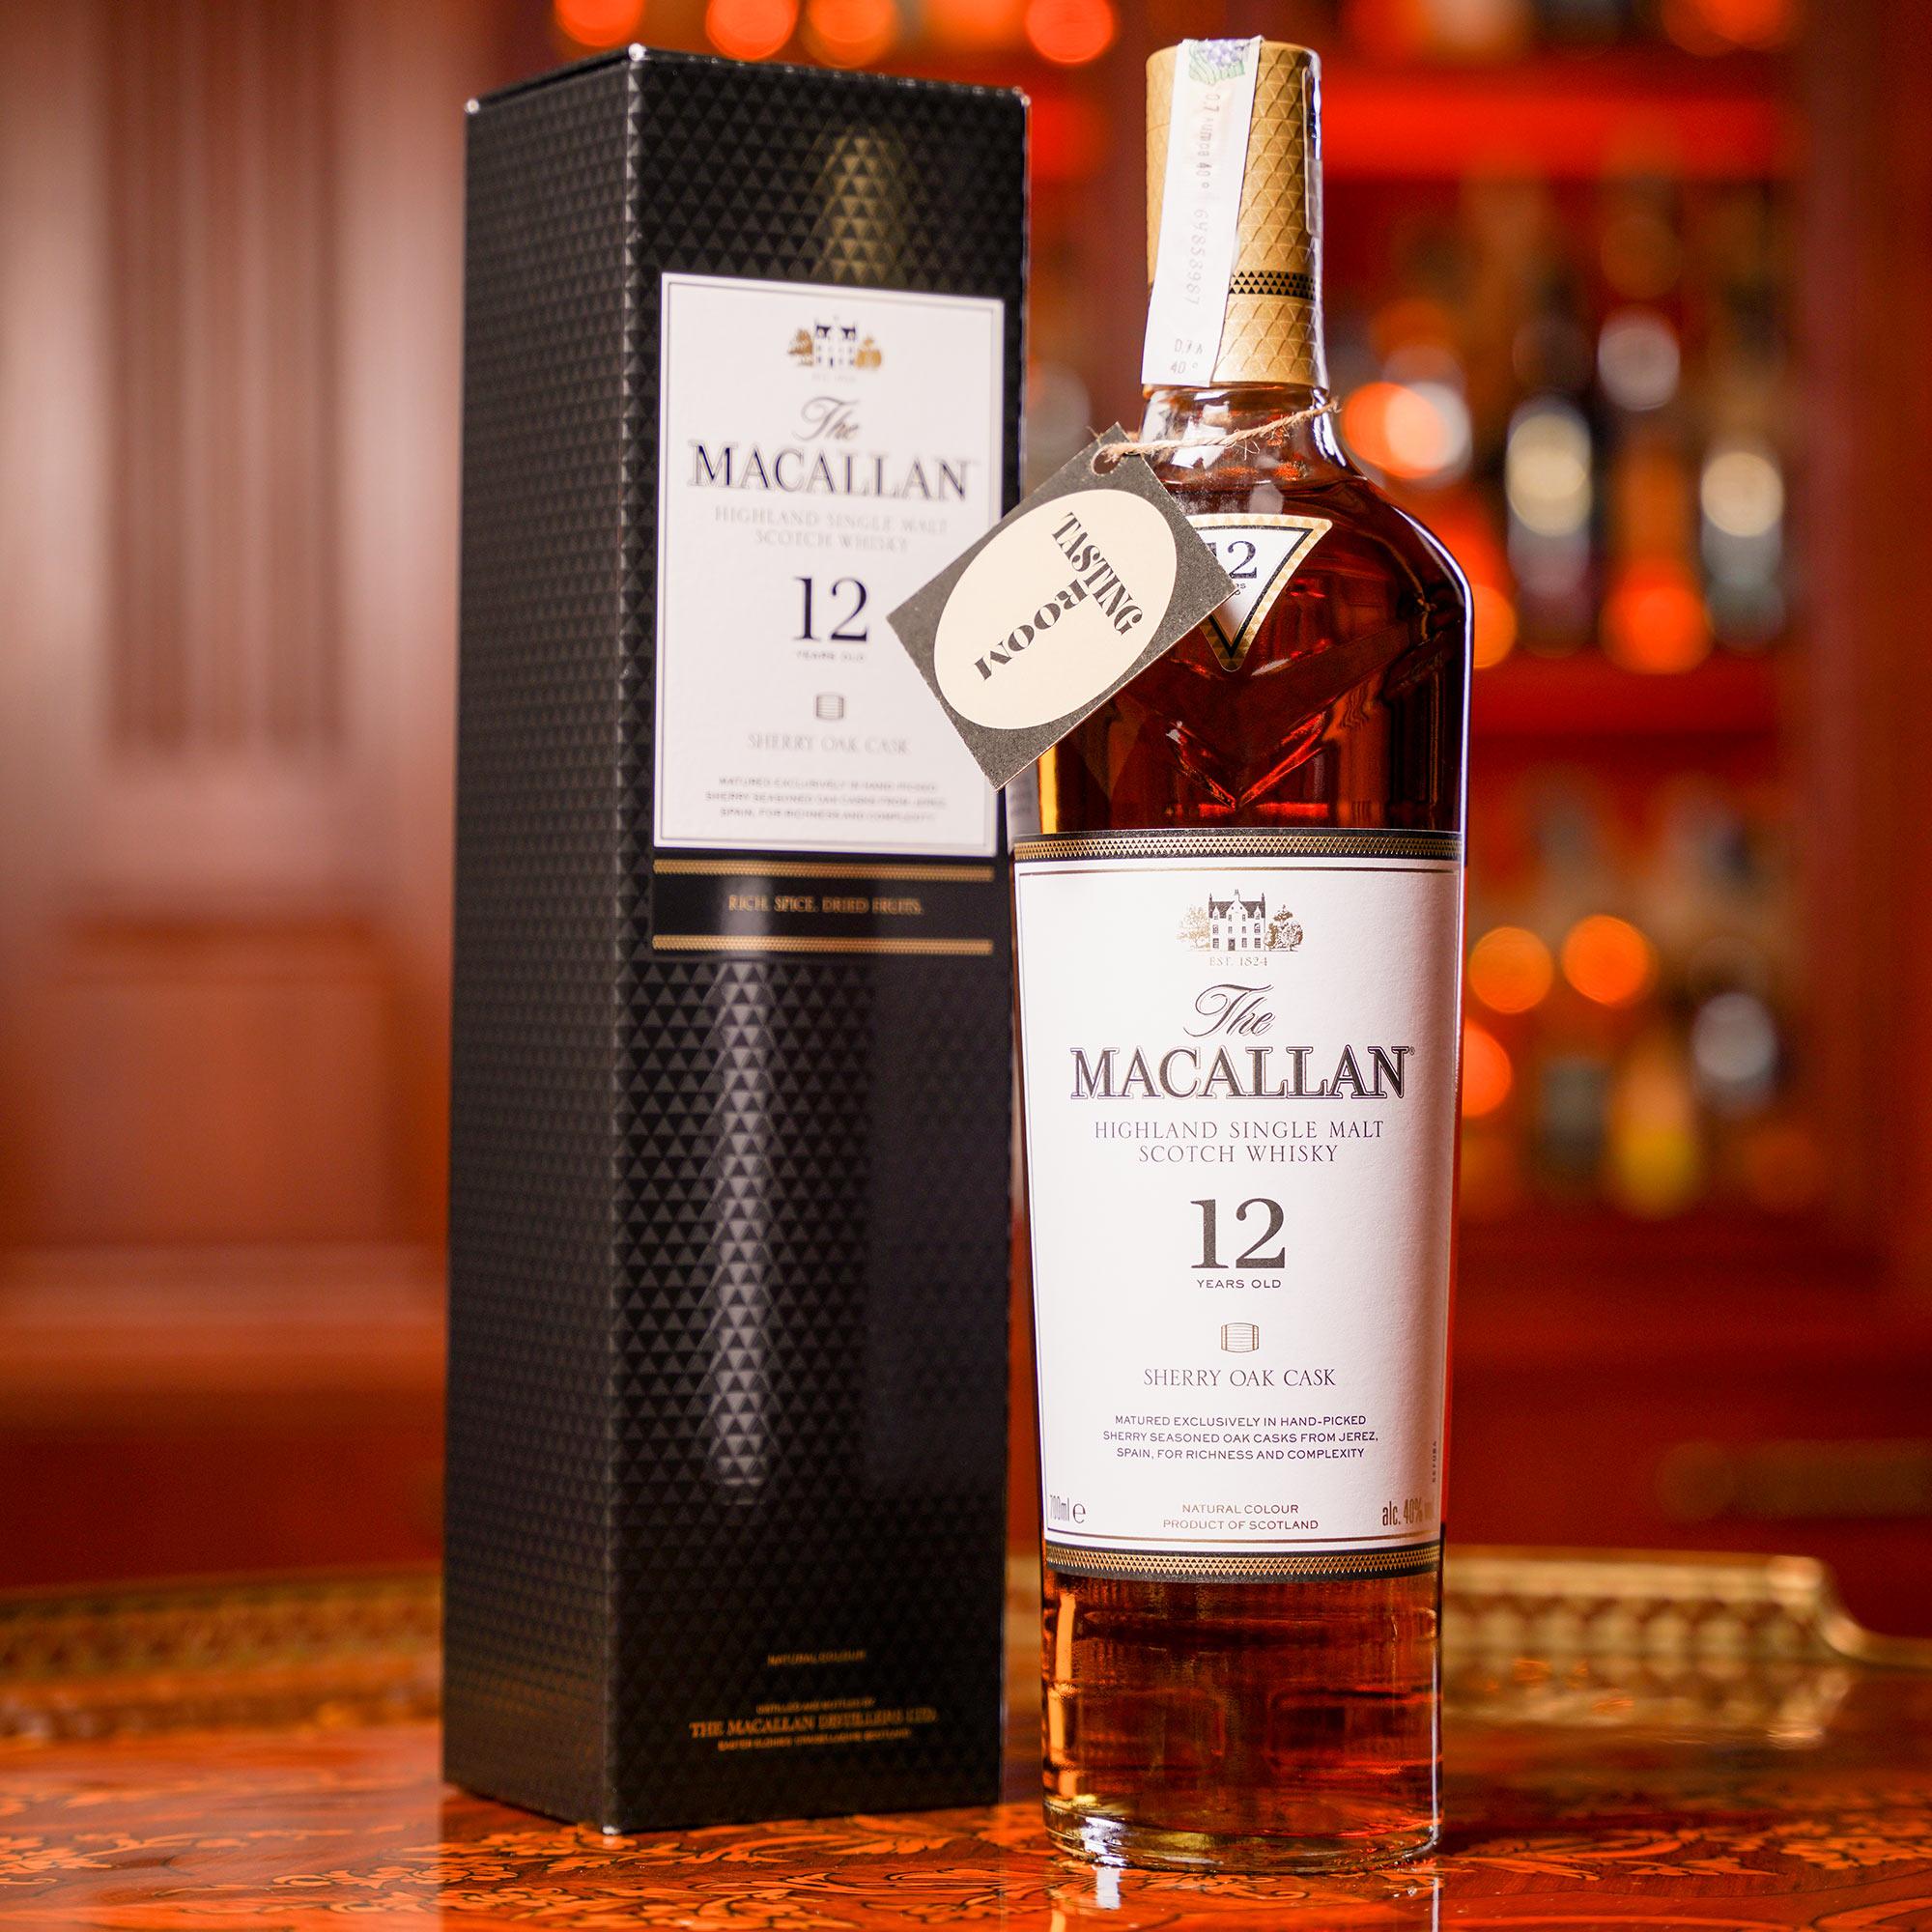 The Macallan 12 YO Sherry Cask /Макалън 12 годишно Шери Каск